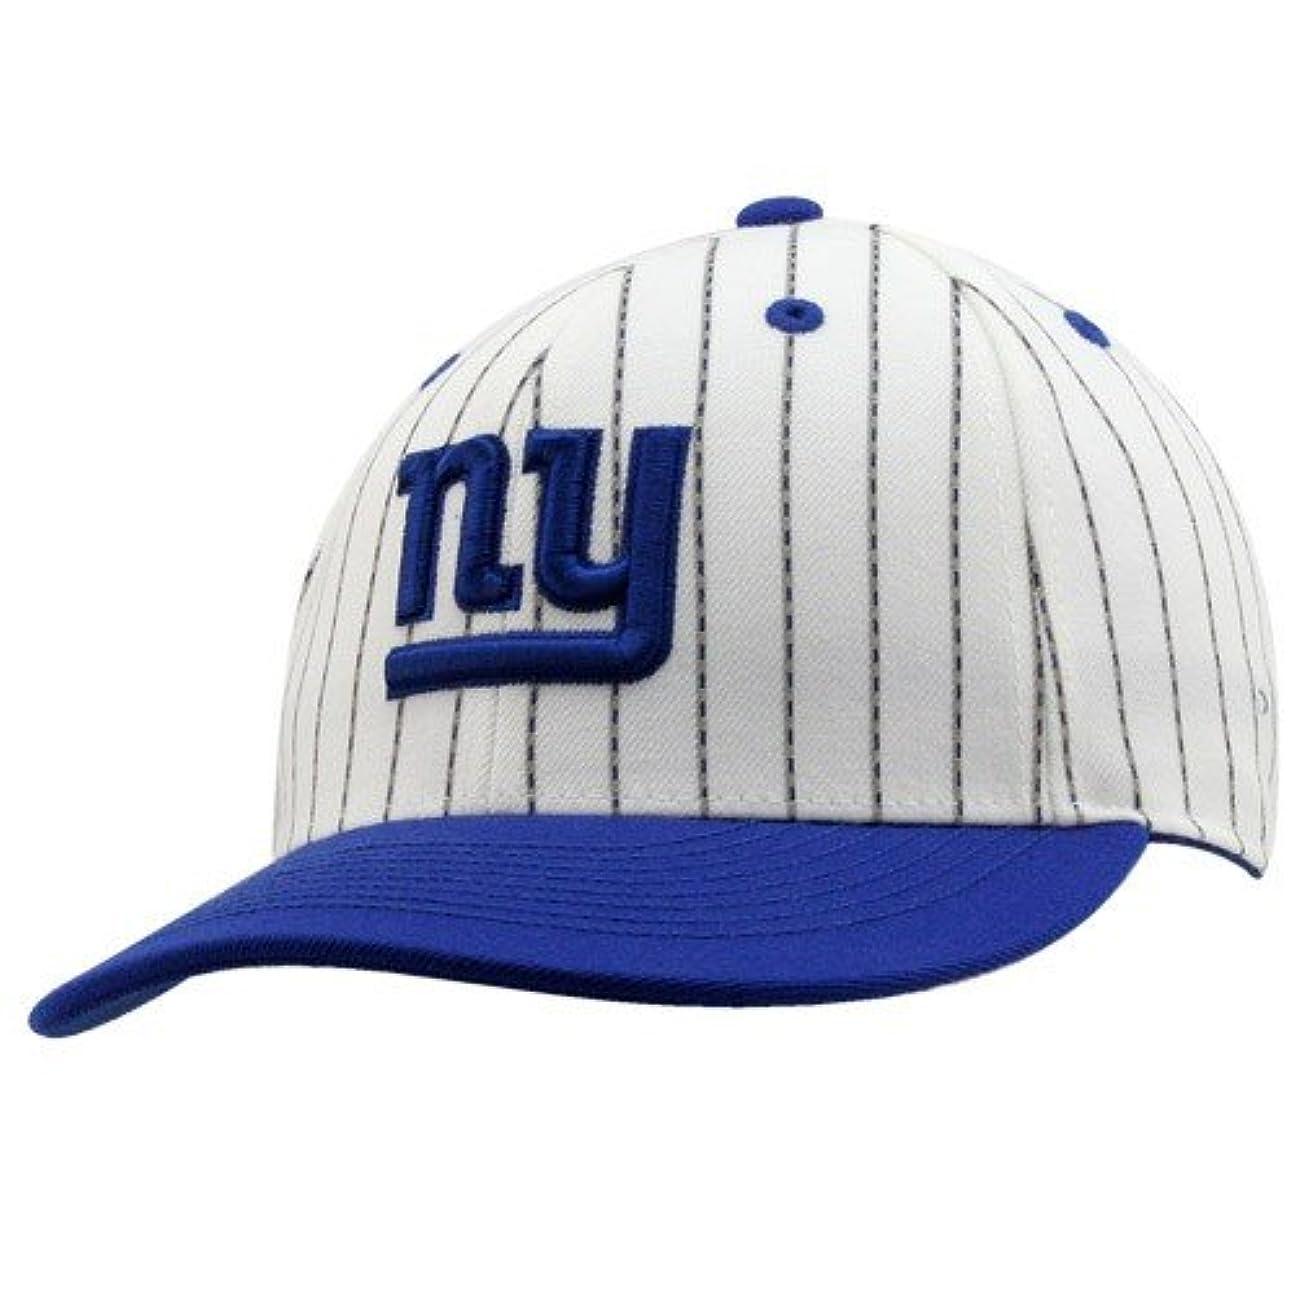 著名な分散ラリー新しいYork GiantsフラットビルStructured Fittedリーボック帽子サイズ7 1 / 8